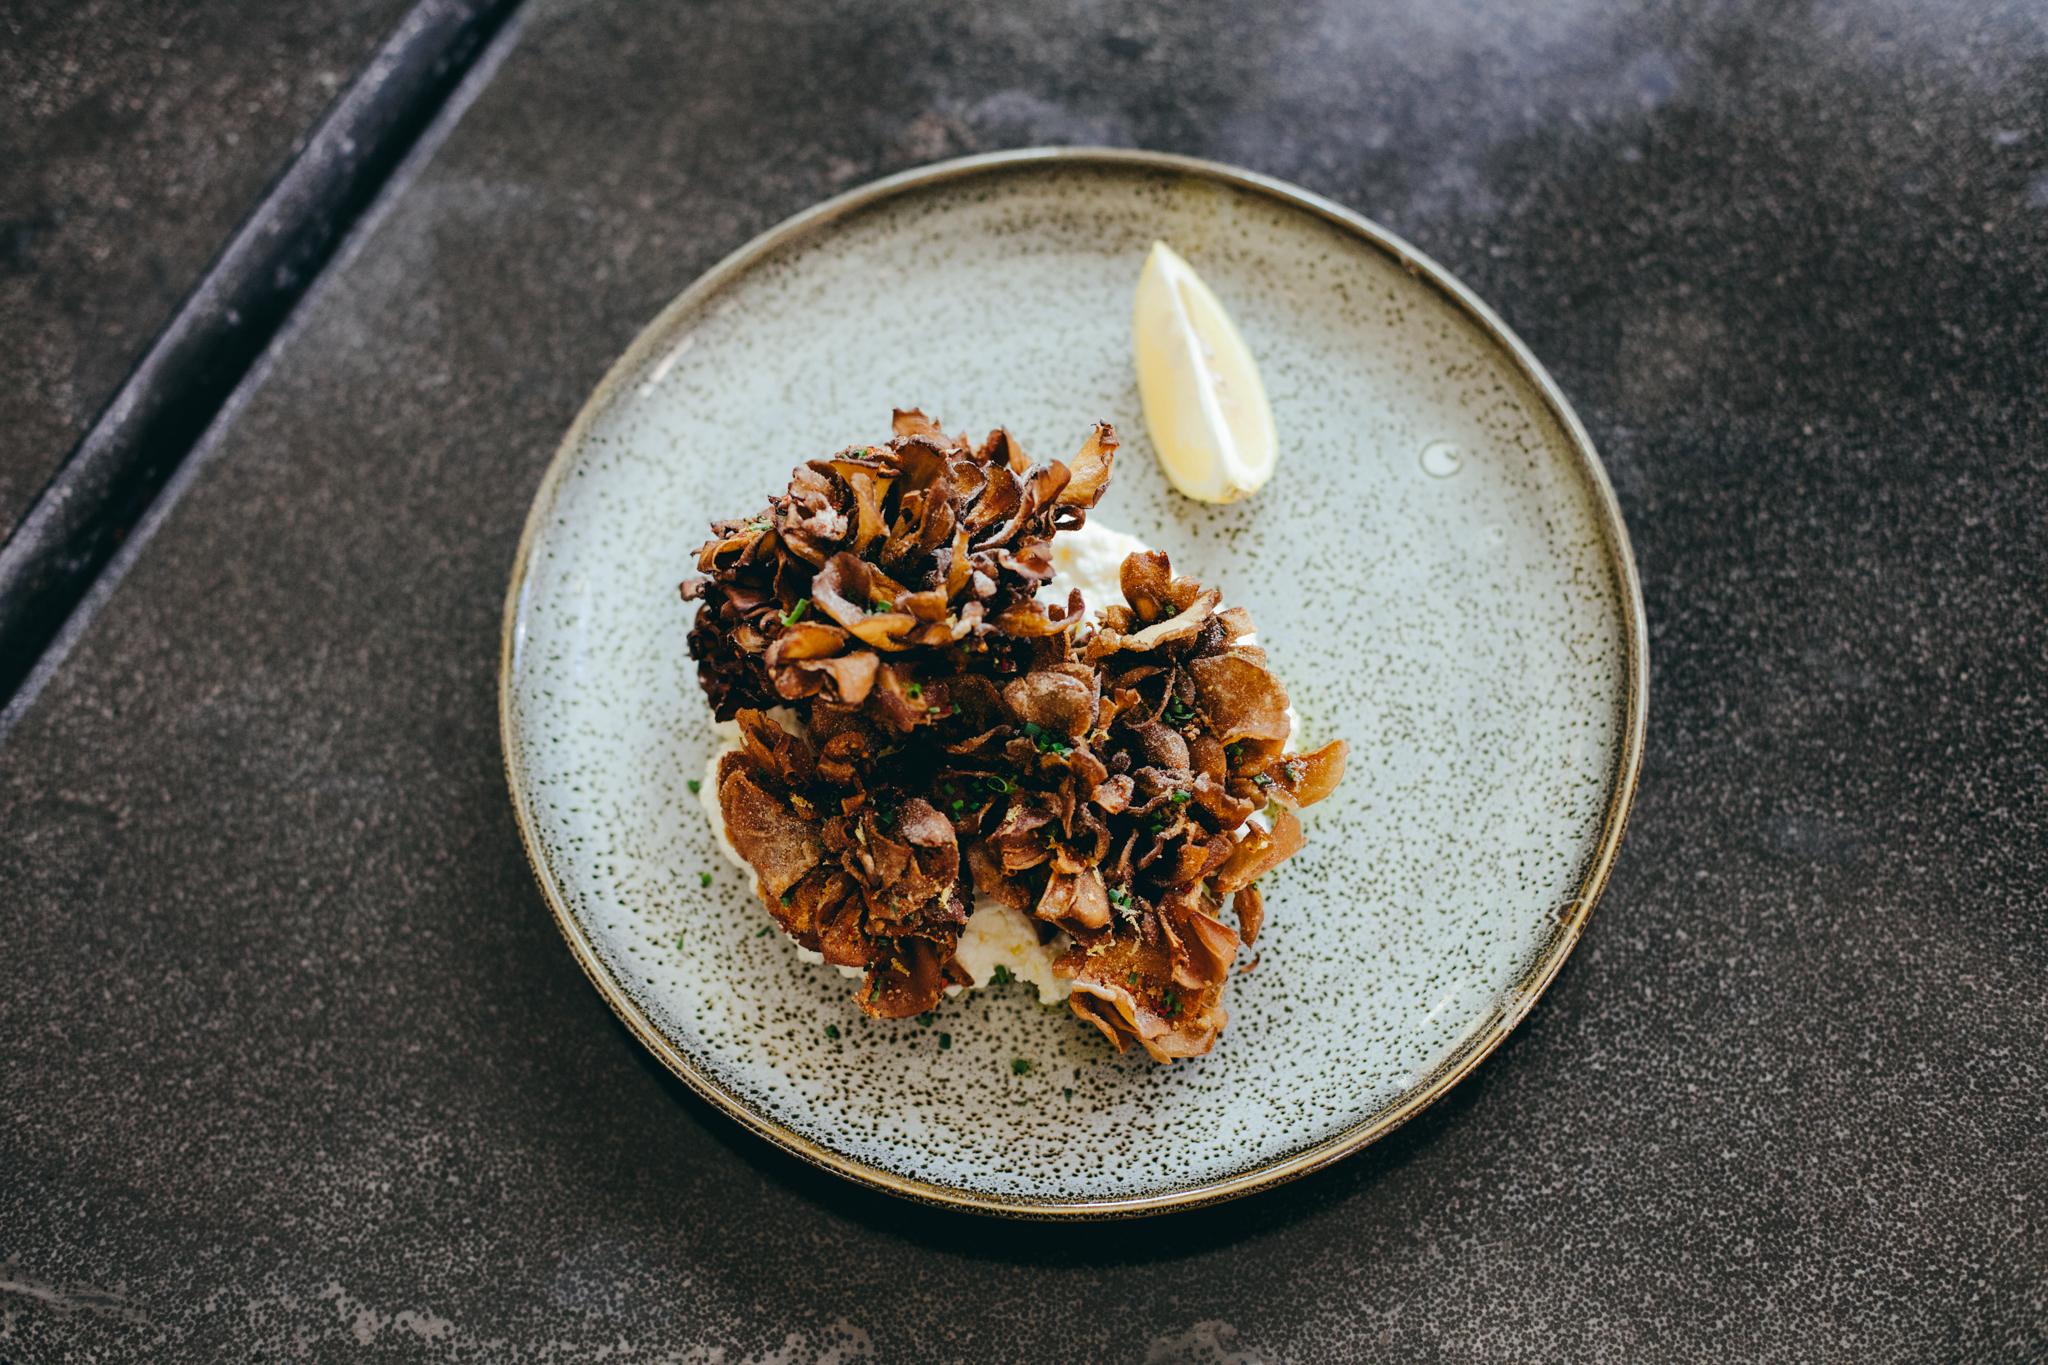 Maitake Mushroom at Mardi